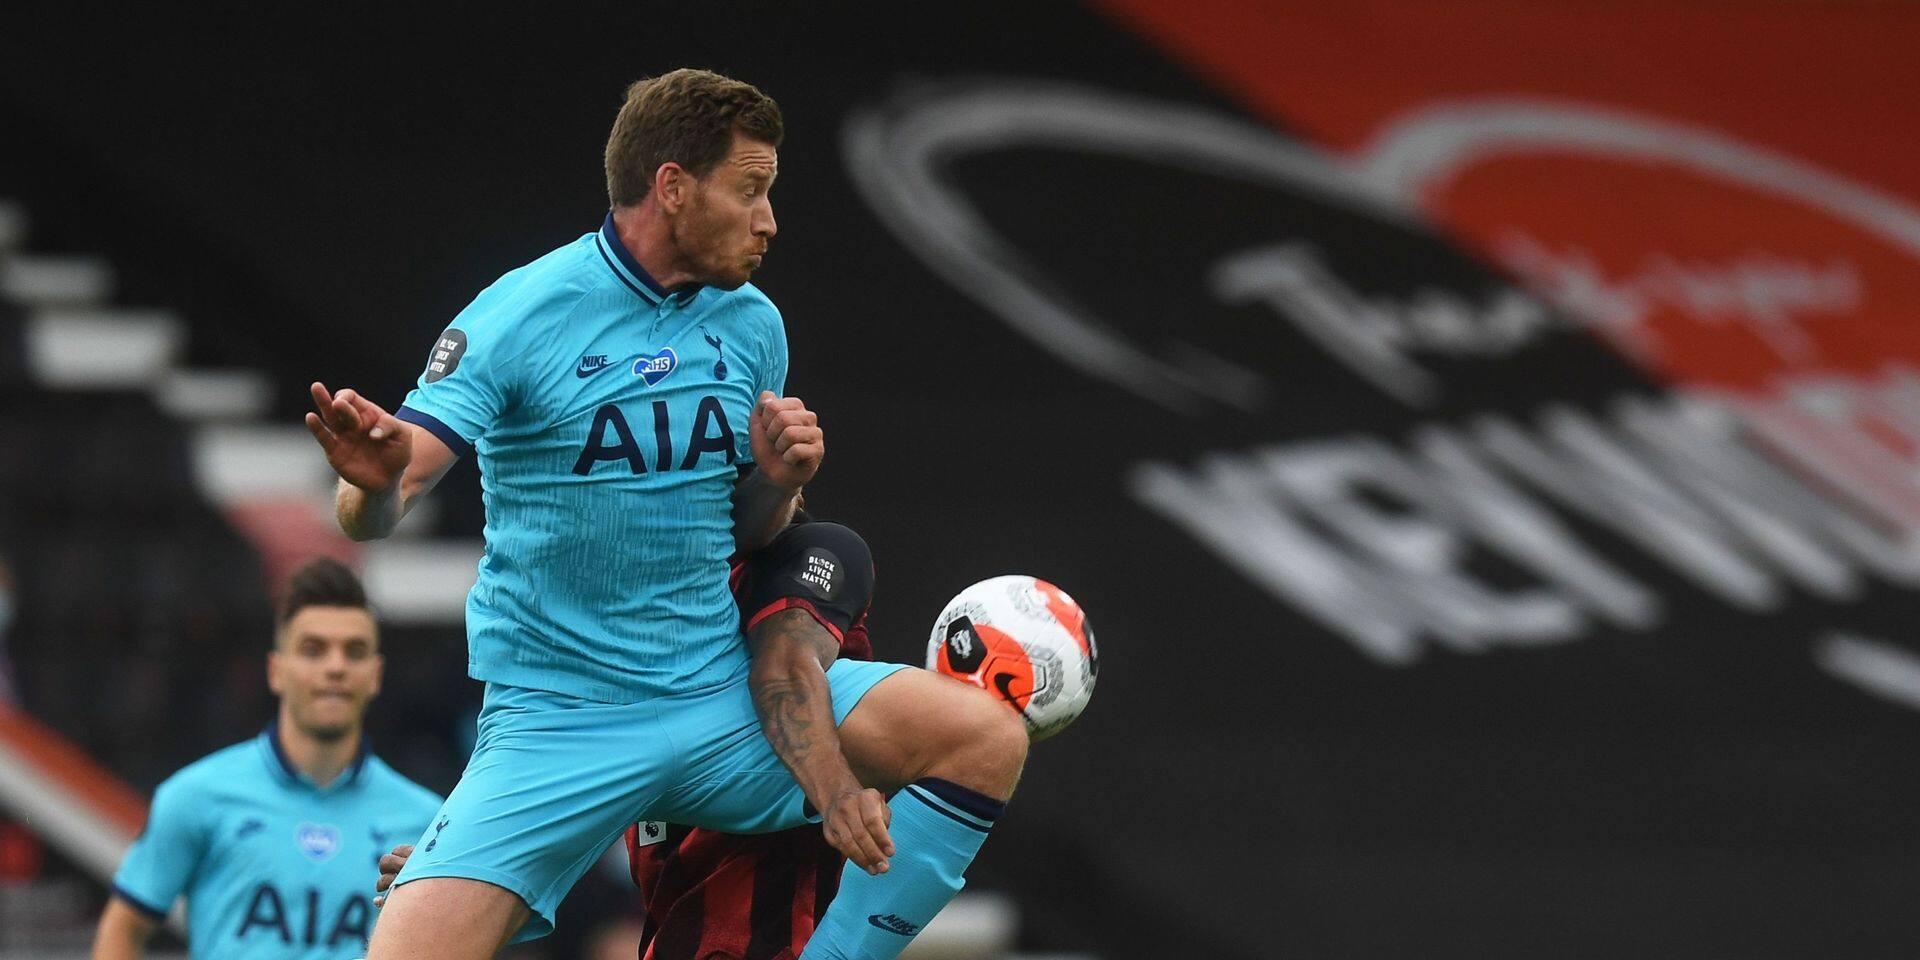 Les Belges à l'étranger: Tottenham accroché à Bournemouth, Dion Cools champion du Danemark avec le FC Midtjylland